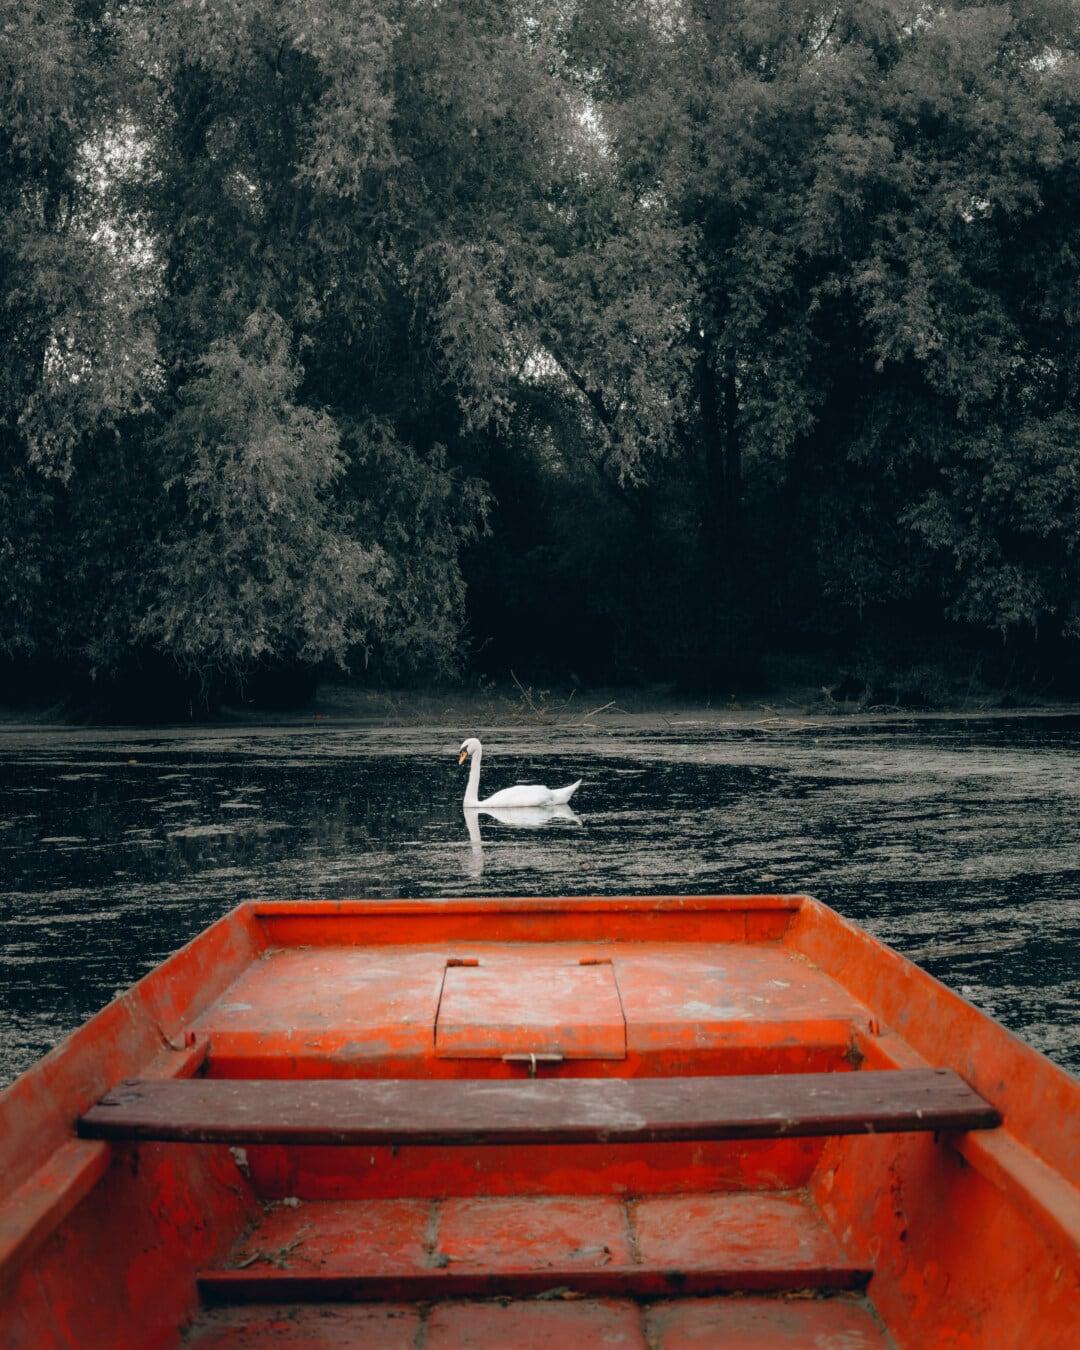 marais, zones humides, rouge foncé, bateau, cygne, oiseau, eau, Lac, embarcation, des loisirs